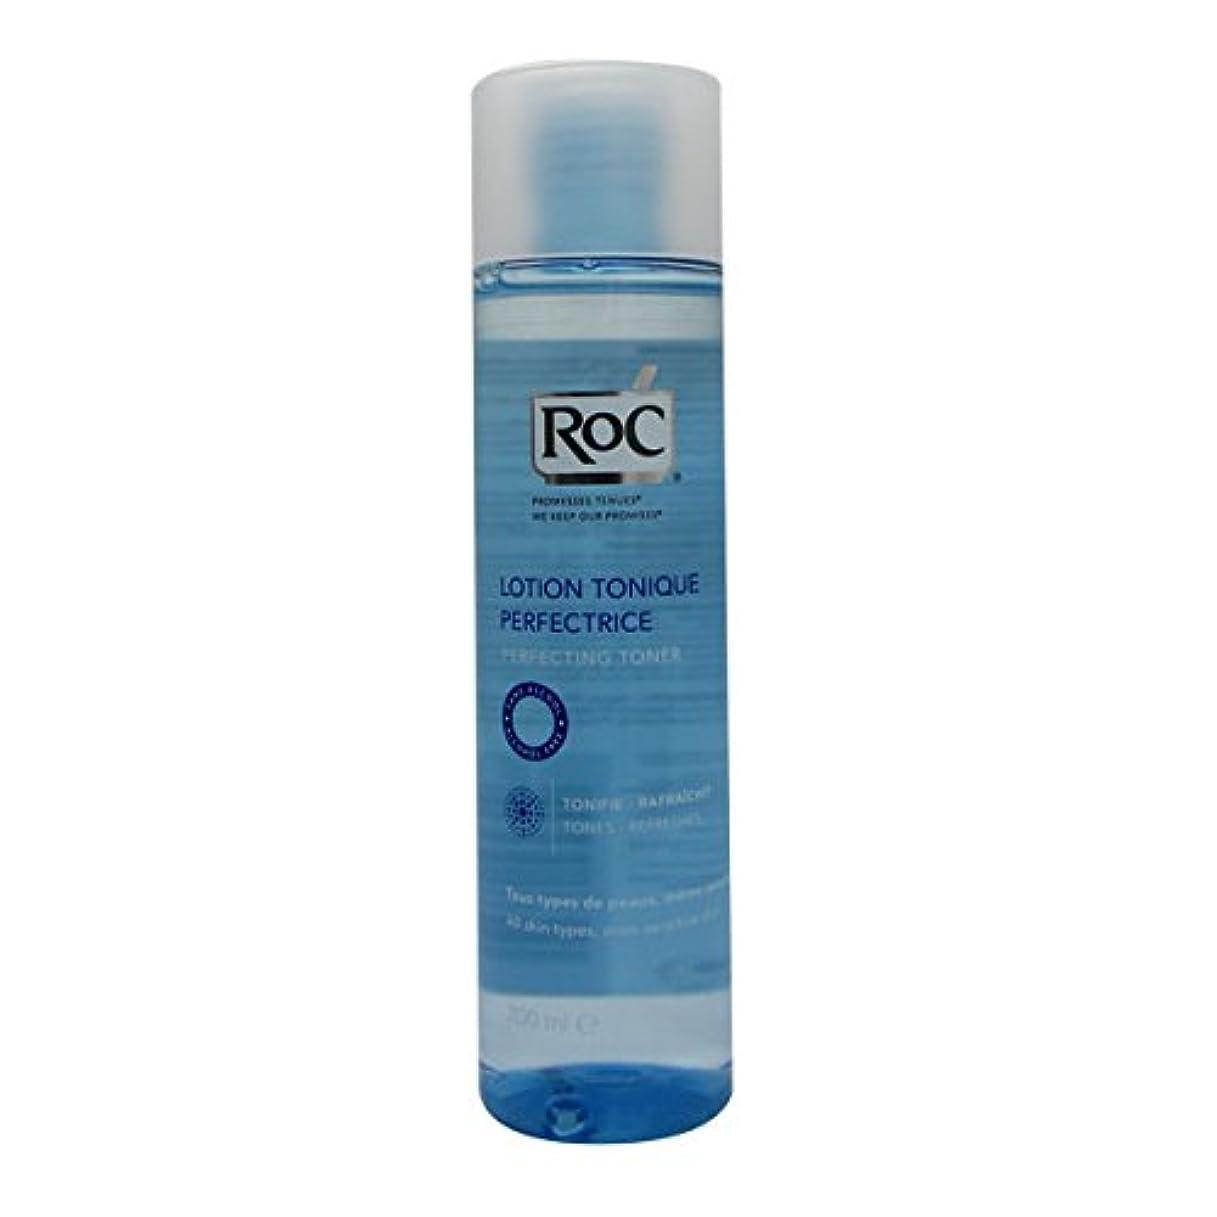 脈拍地域の雲ロック / RoC ローション トニック 200ml [並行輸入品]